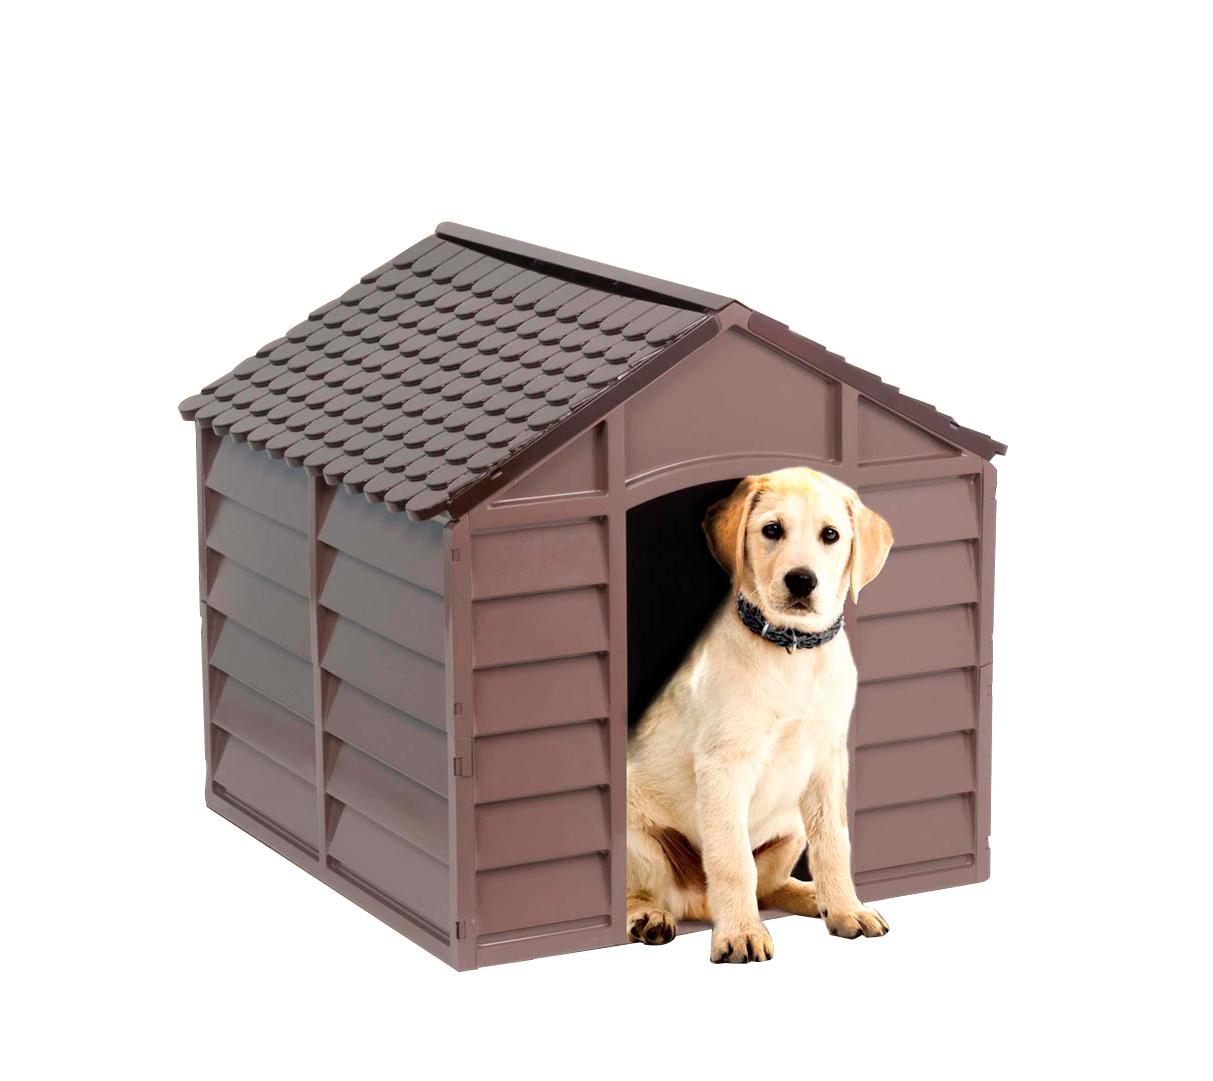 bfb440cc574ead Meilleure niche pour chien du moment en février 2019